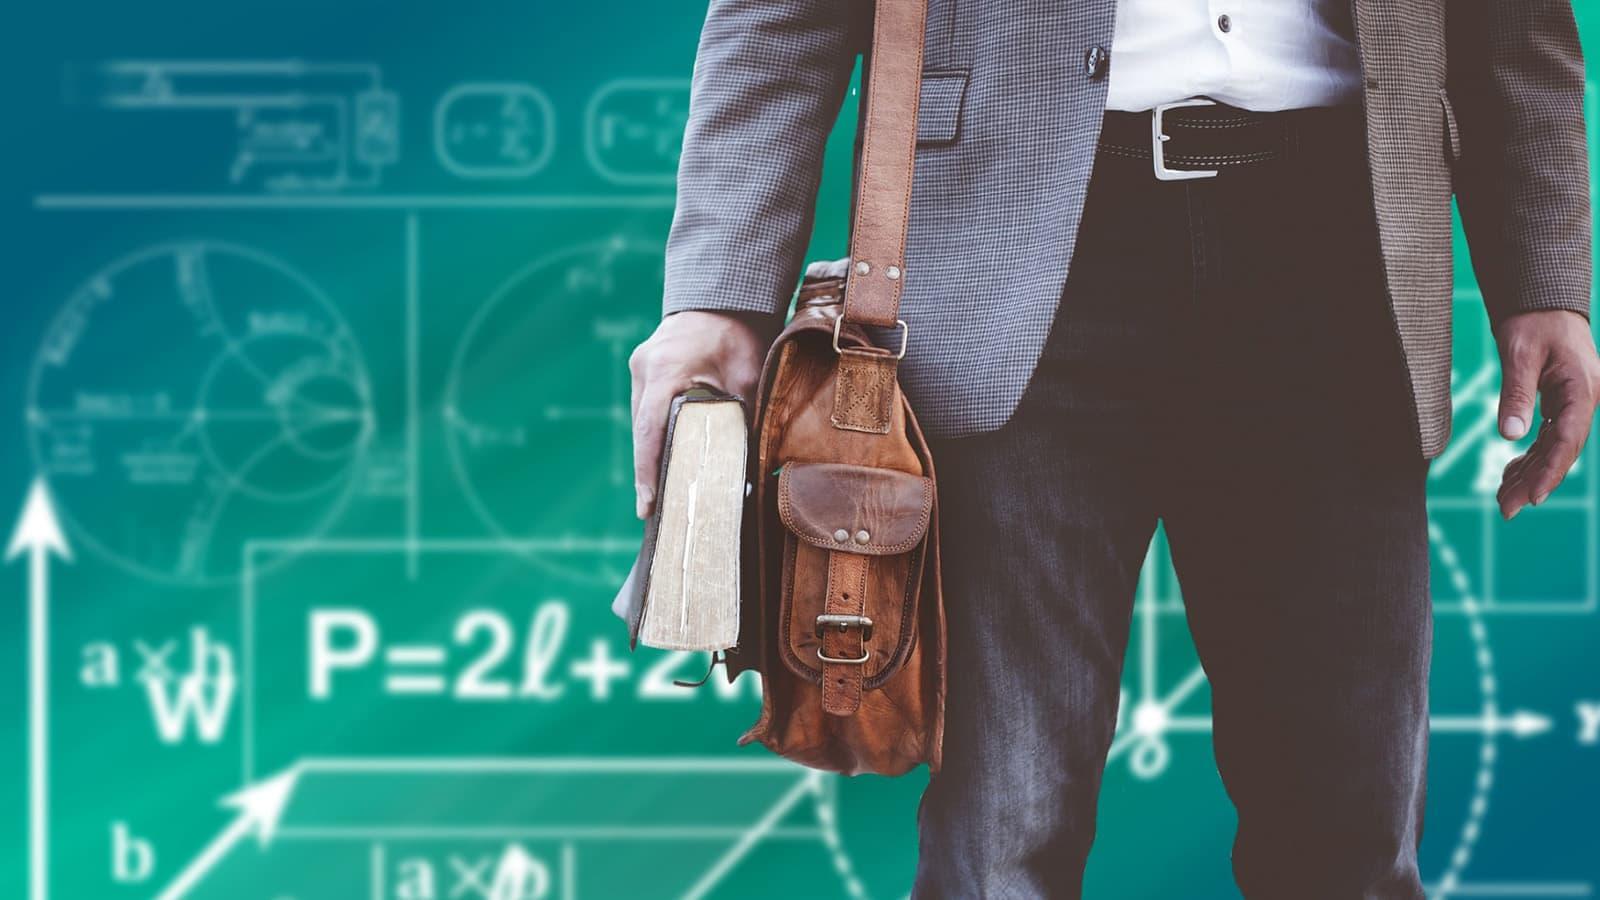 Beruf und Karriere - Können Experten führen?